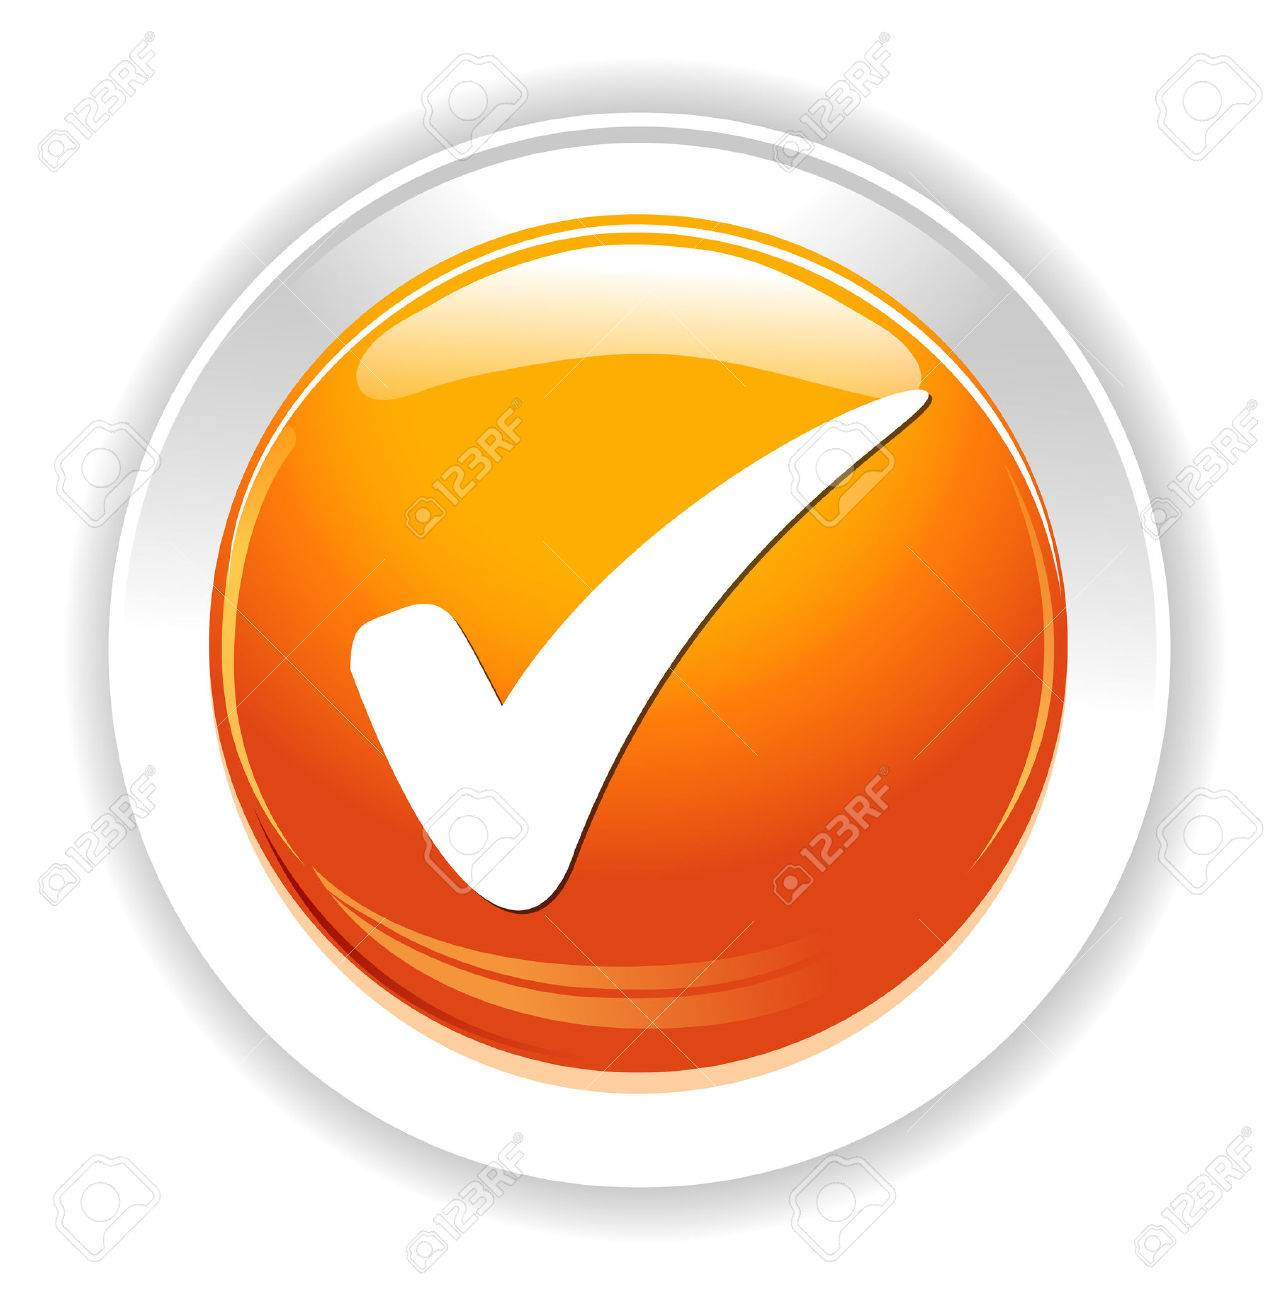 check mark button - 38809036